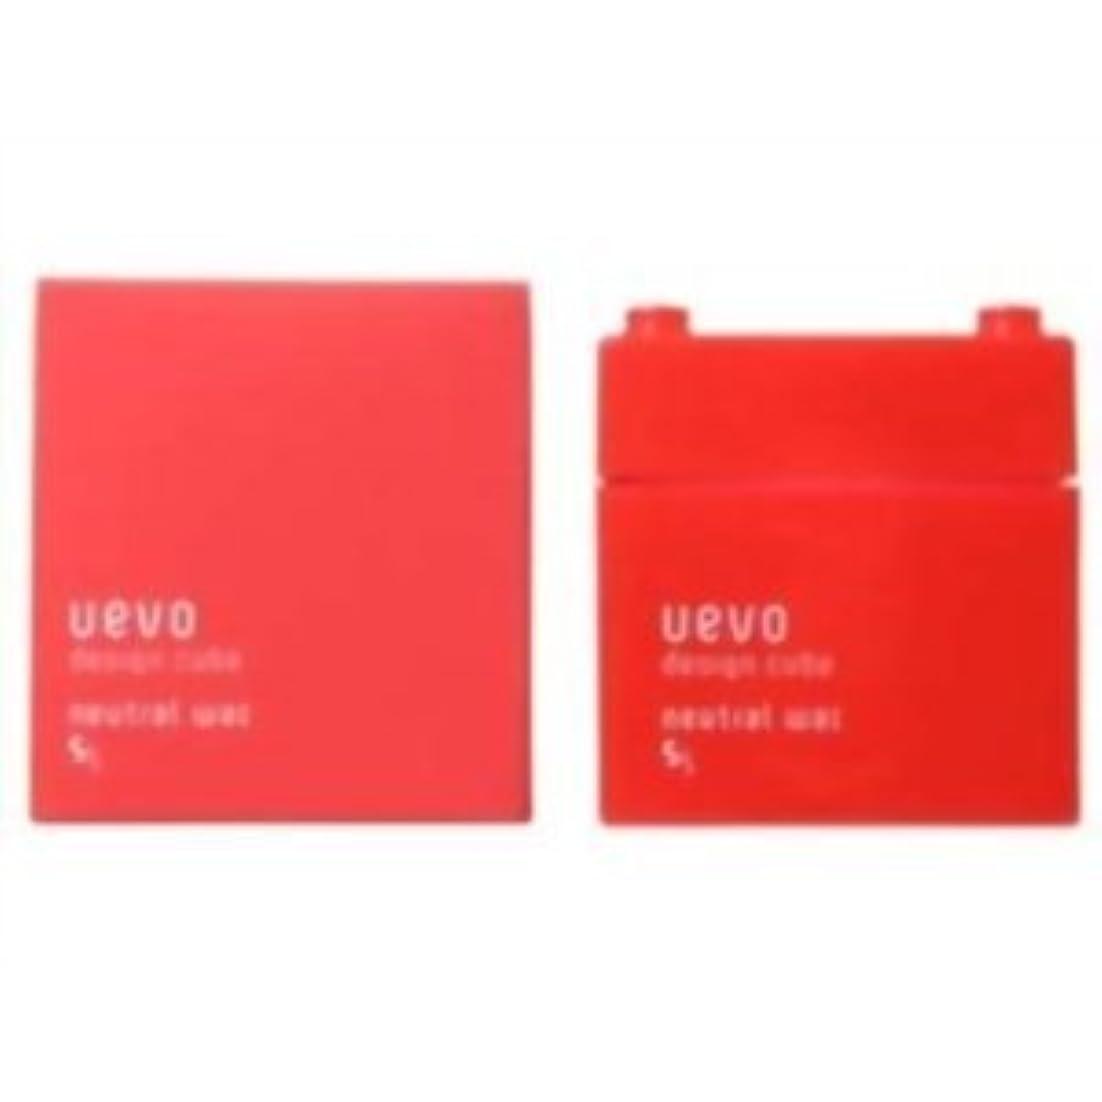 新しい意味マルクス主義変形する【X2個セット】 デミ ウェーボ デザインキューブ ニュートラルワックス 80g neutral wax DEMI uevo design cube